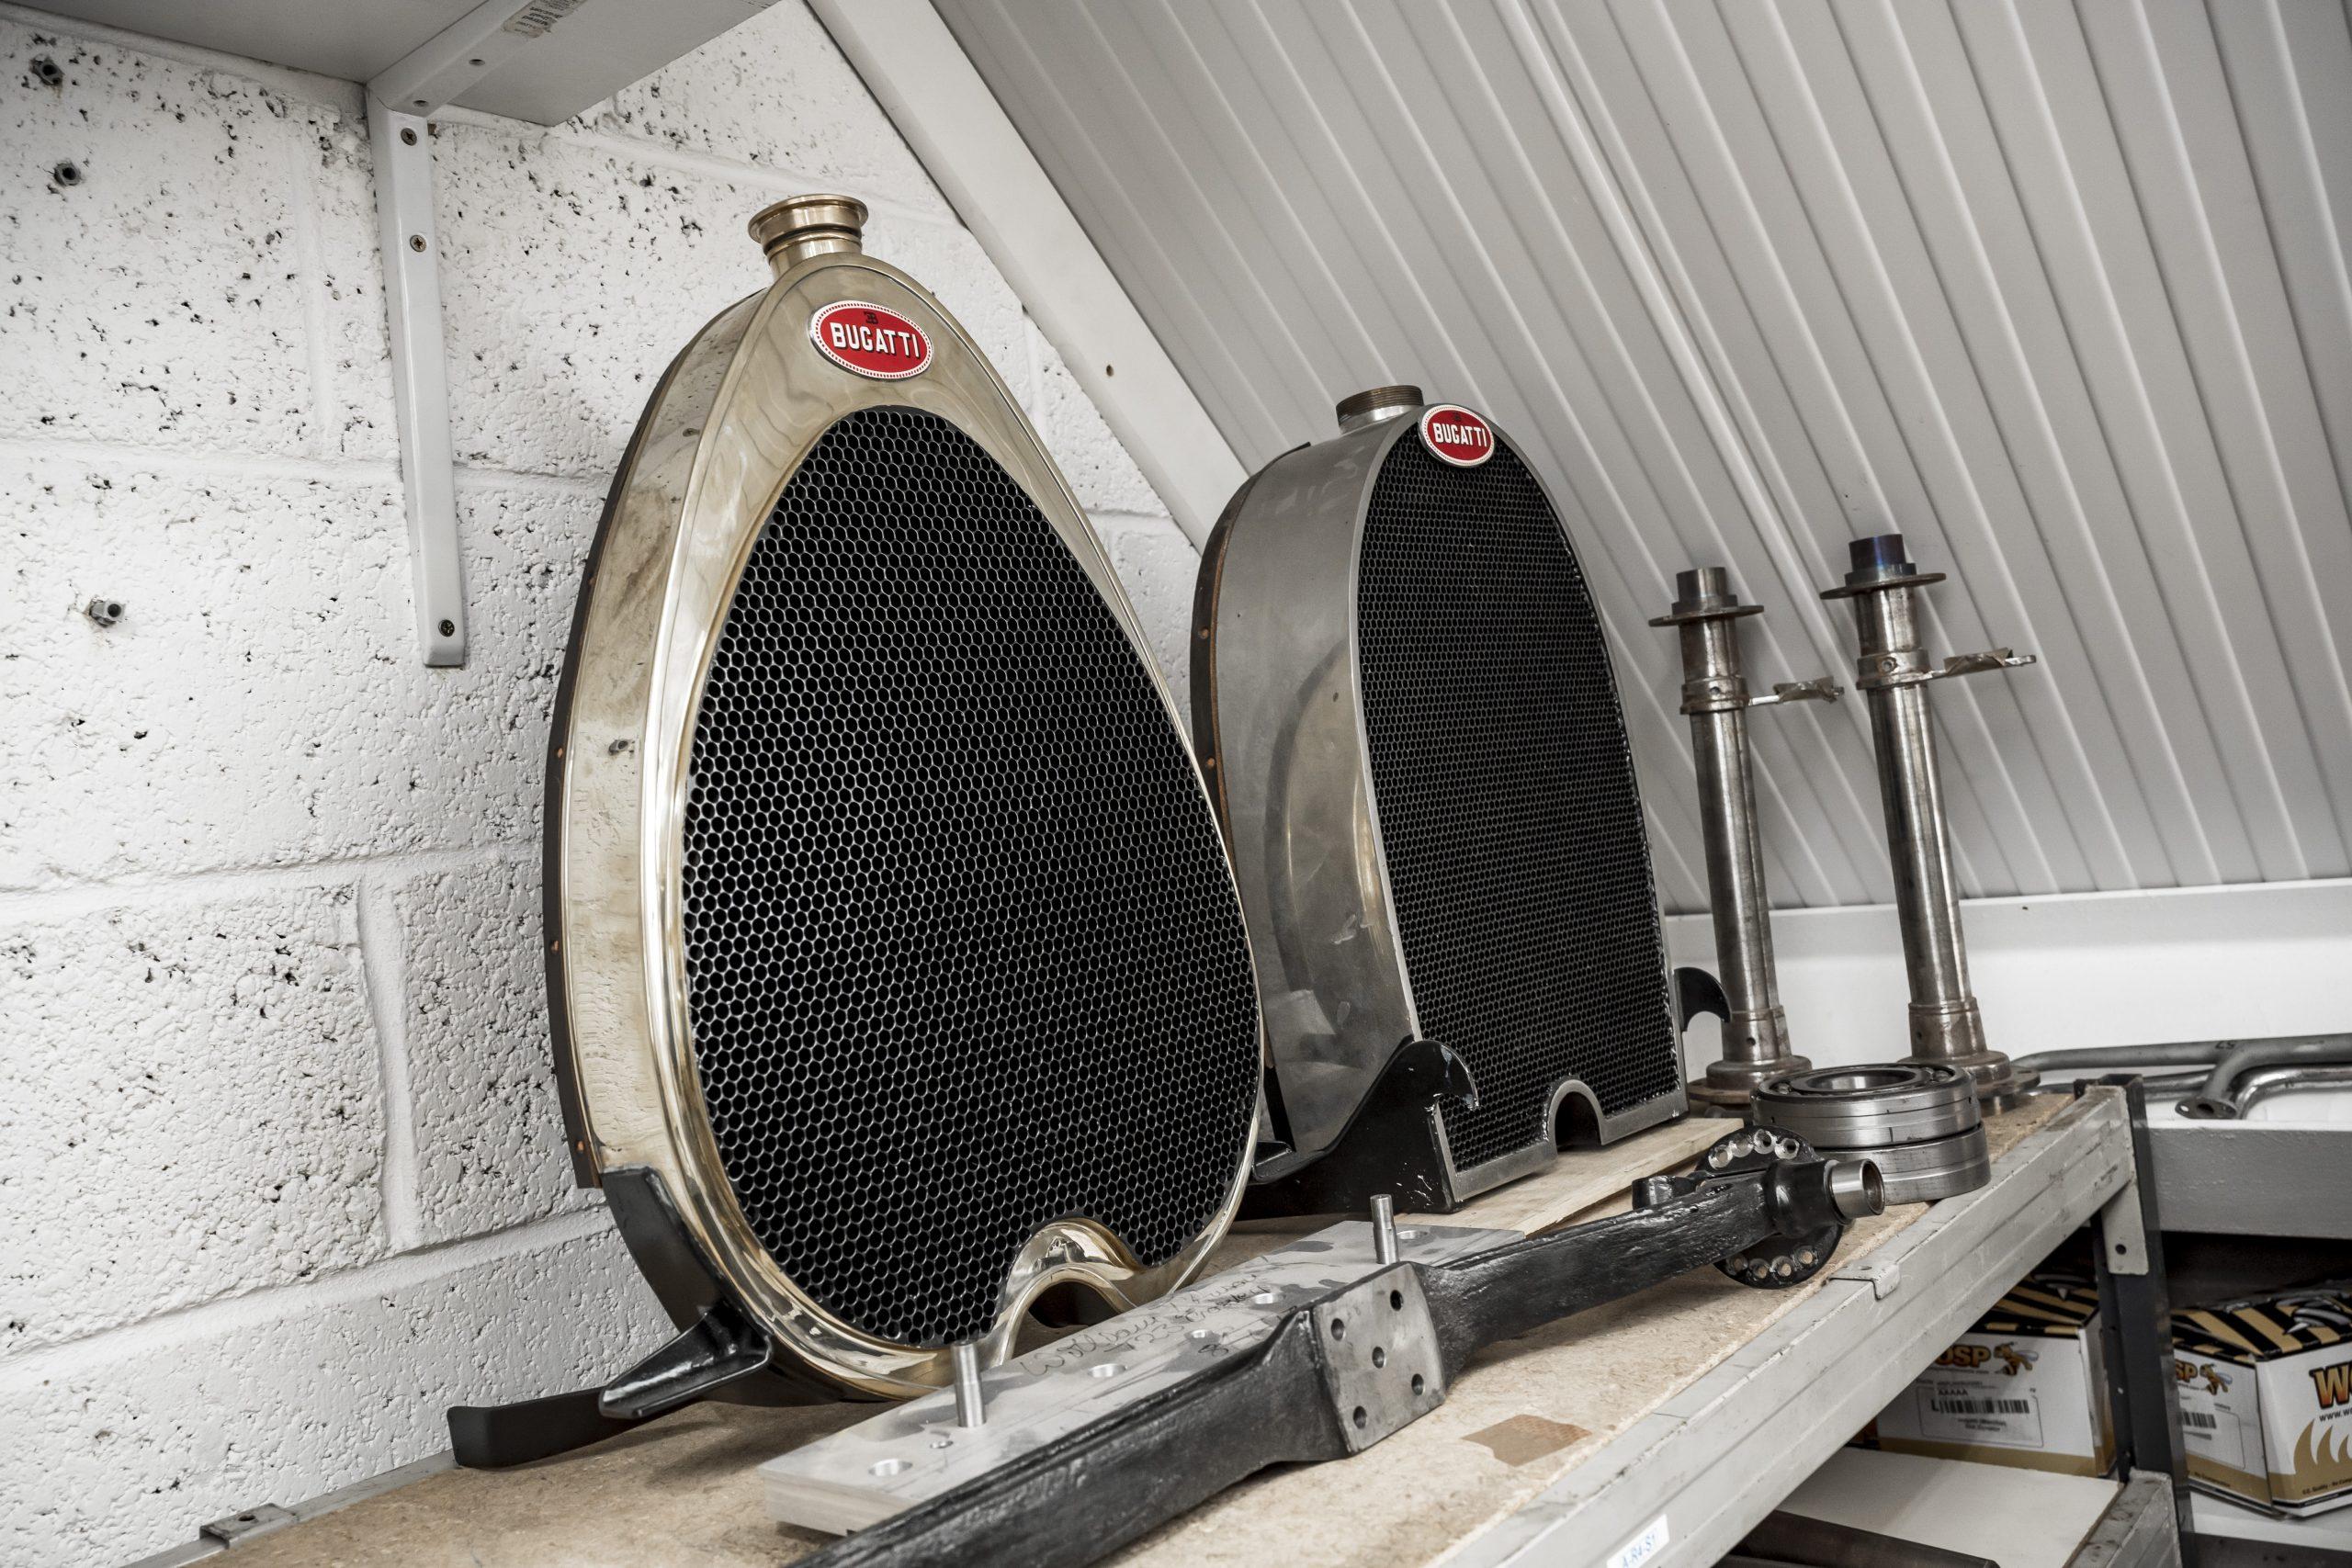 Tula Precision bugatti radiators grille parts